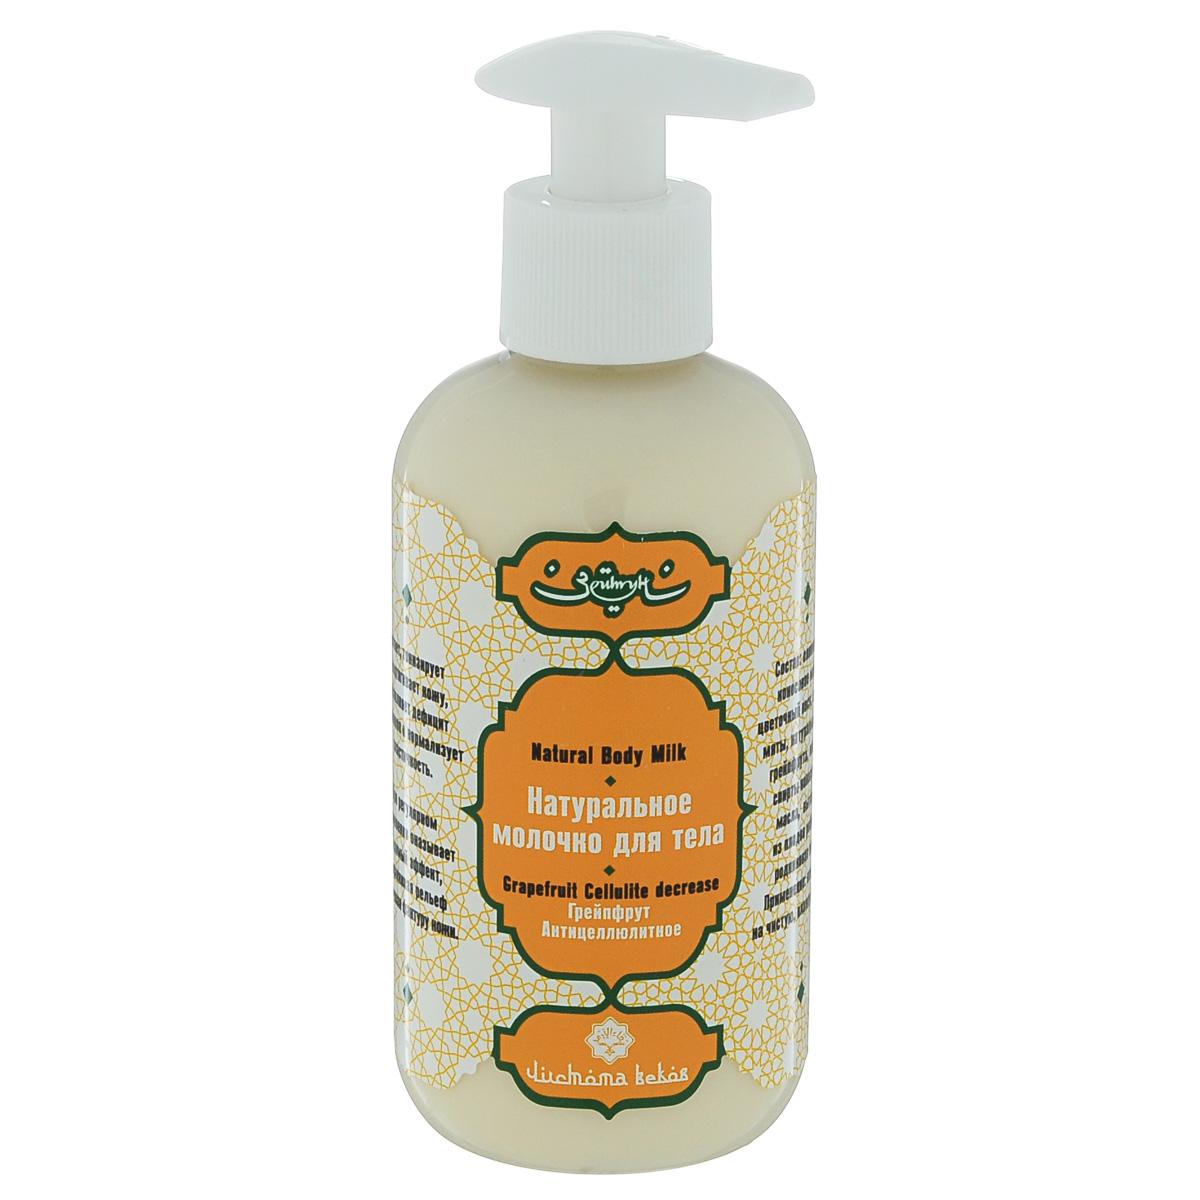 Зейтун Молочко для тела Грейпфрут, 200 млFS-00897Питает, тонизирует и подтягивает кожу, восполняет дефицит витаминов и нормализует эластичность. При регулярном применении оказывает видимый эффект, выравнивая рельеф и улучшая фактуру кожи.